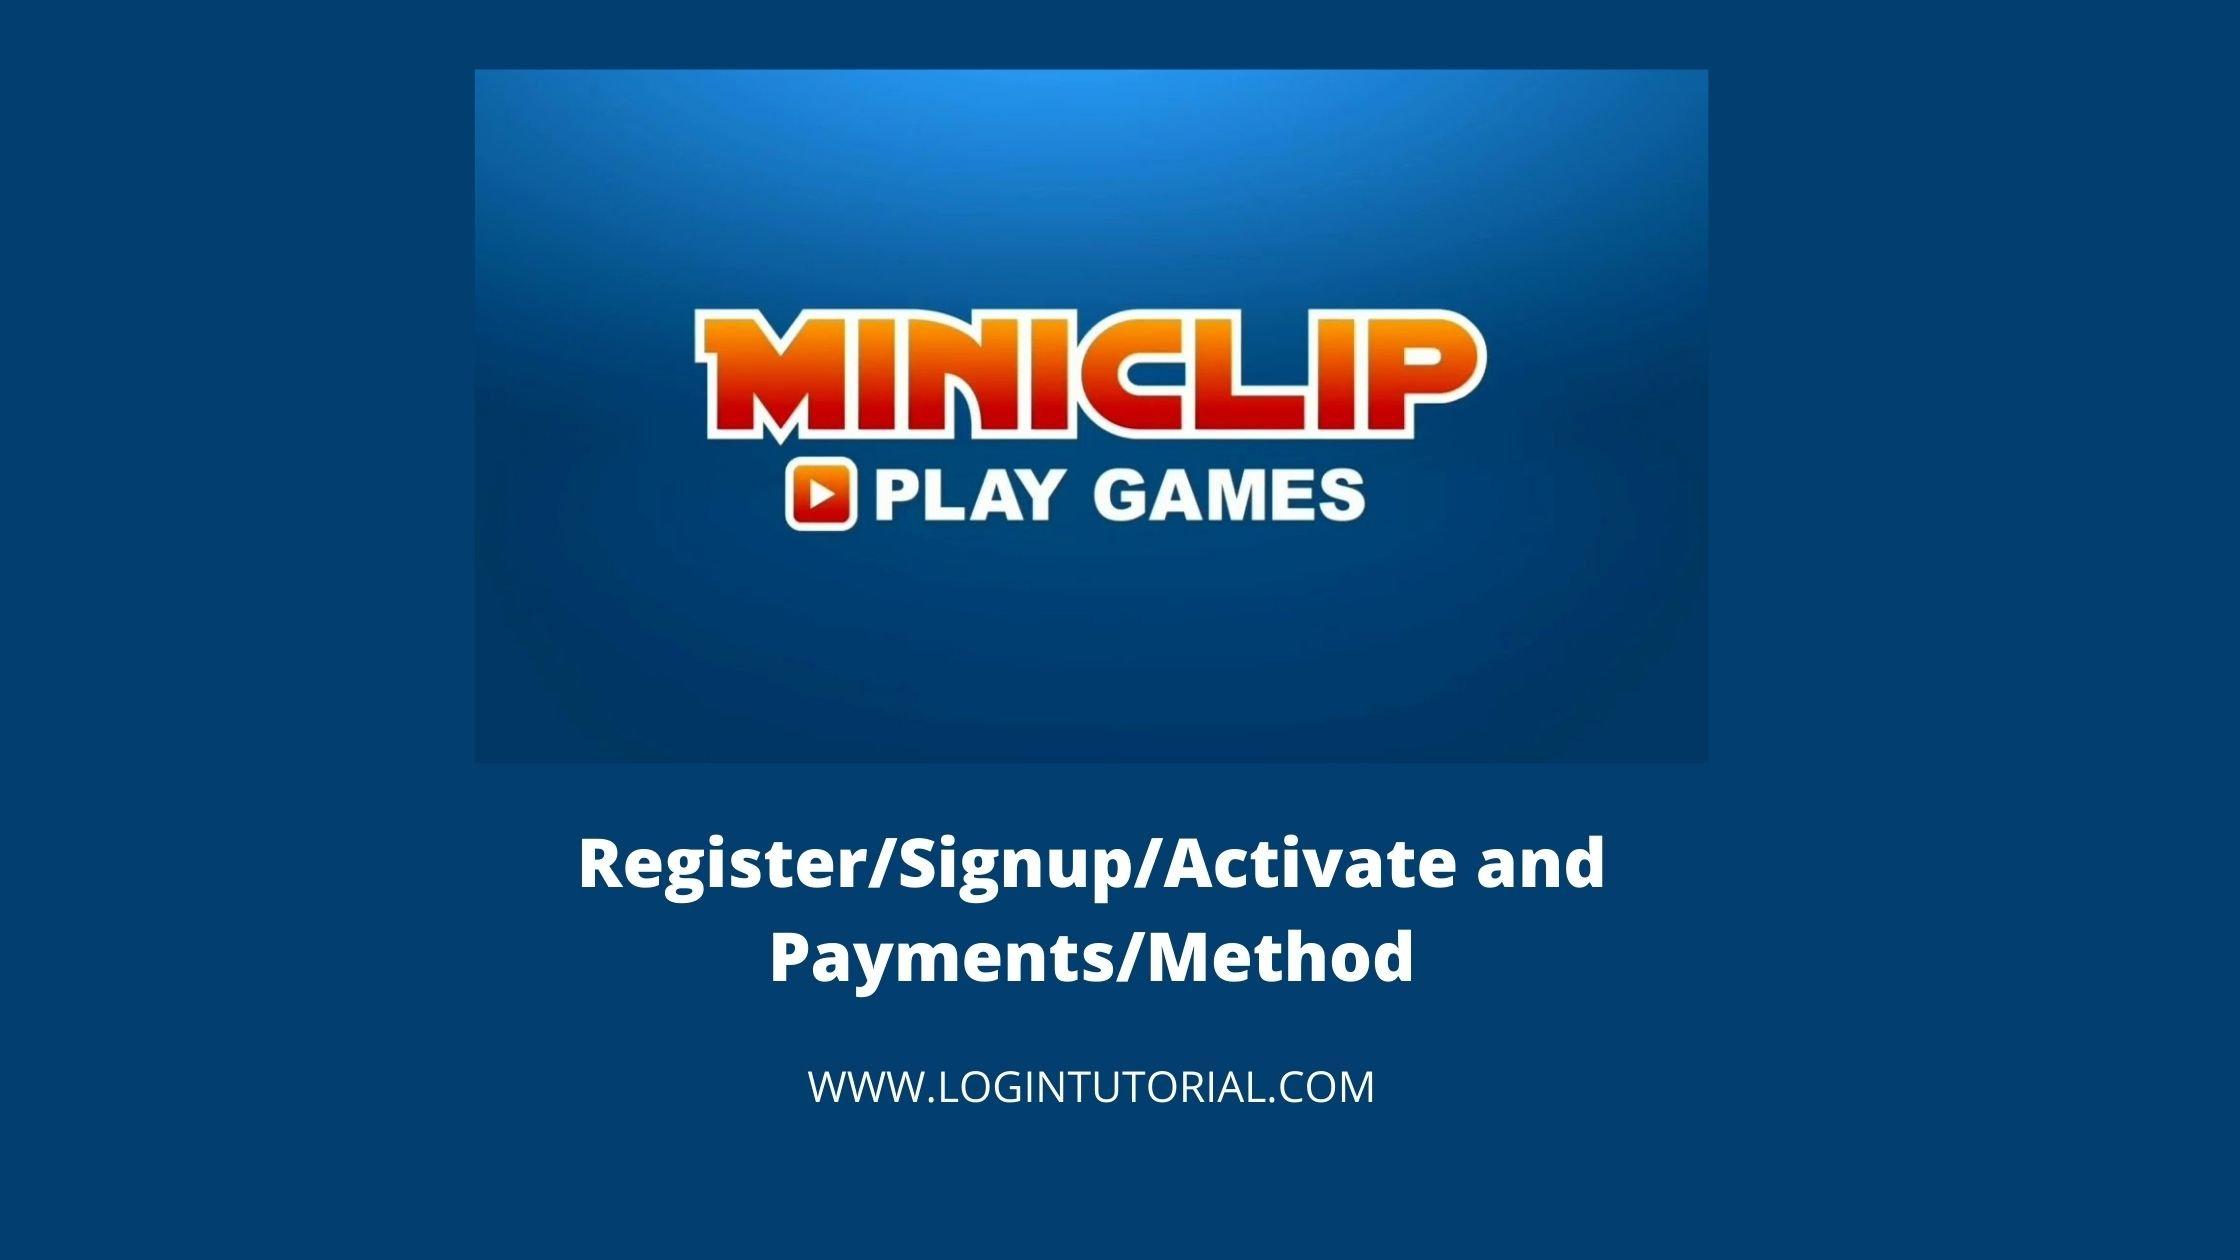 miniclip login Guide